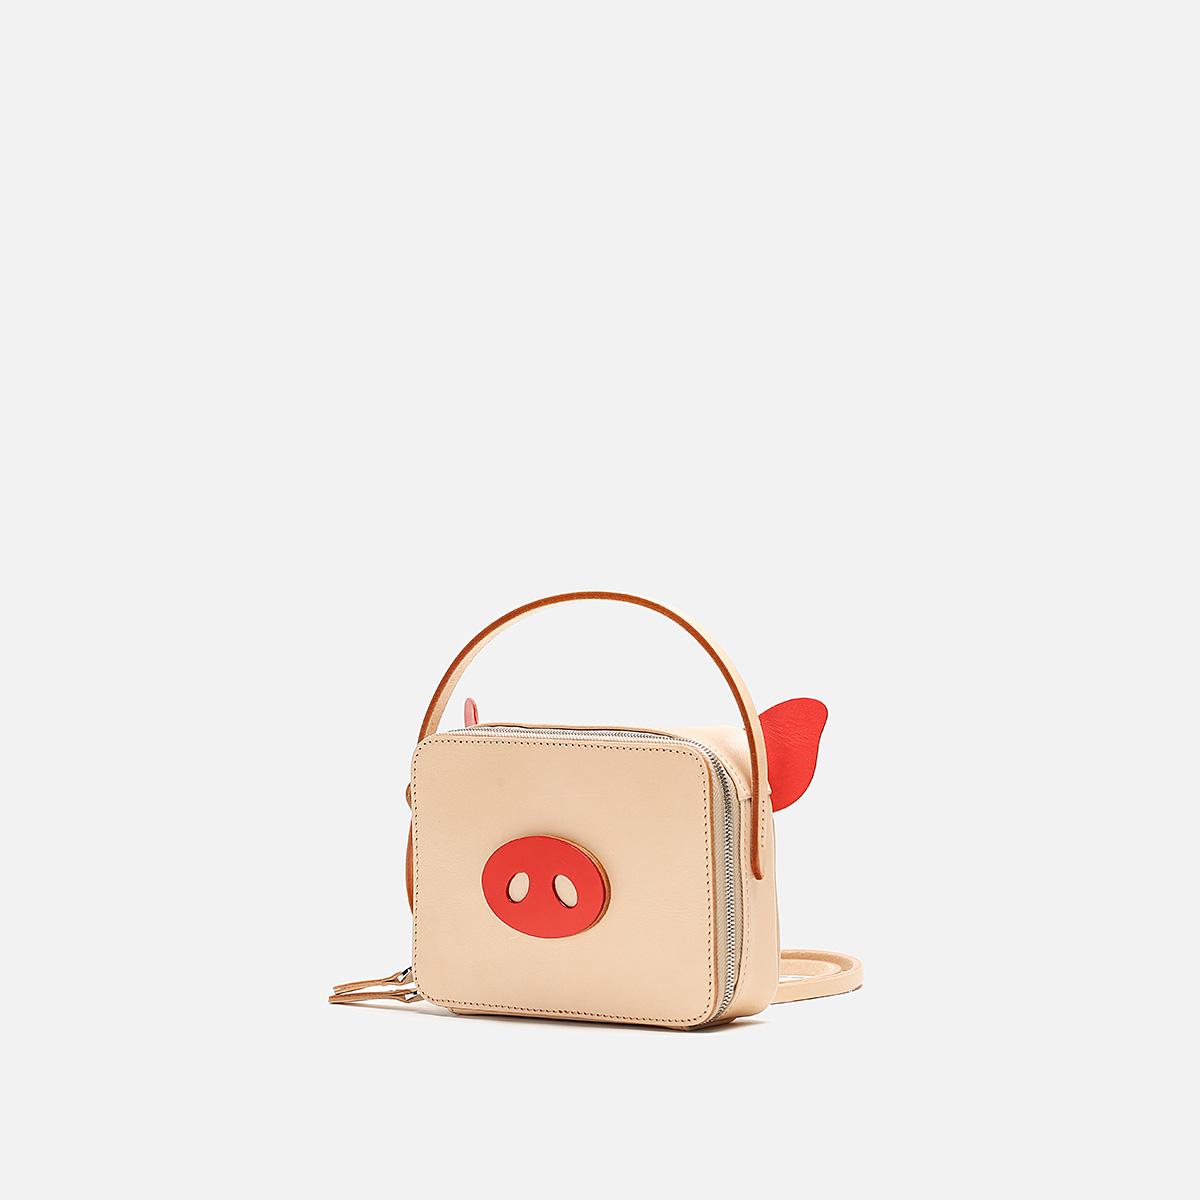 全植鞣牛皮手工包旅行小挎包便当包猪年特别定制版 FOSTYLE 菩提